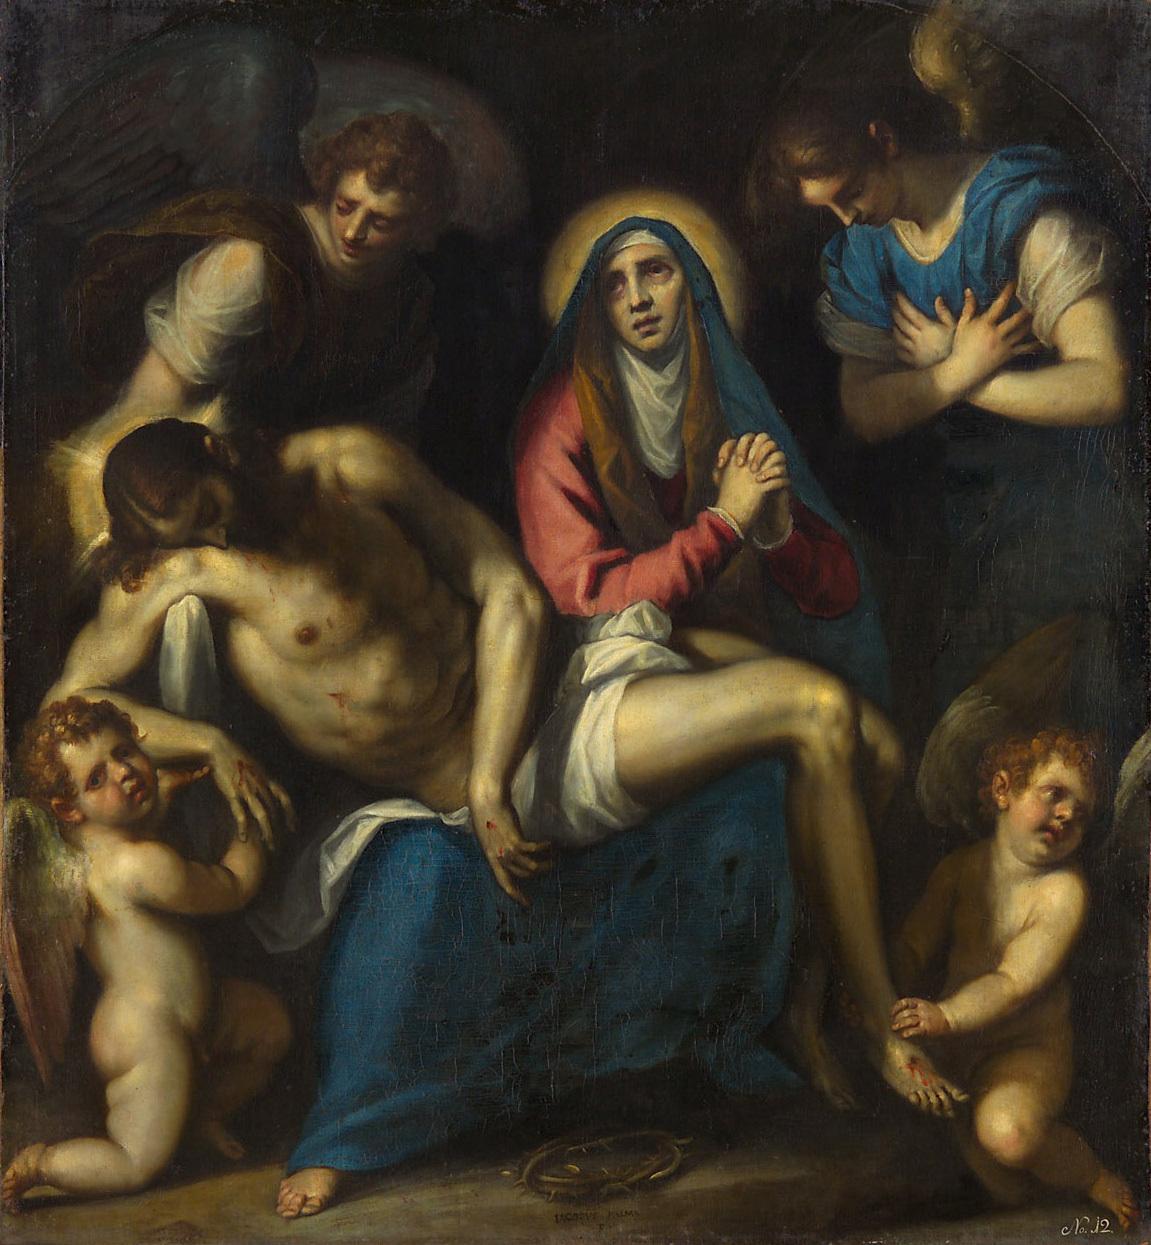 Pietà mit Engeln von Jacopo Negretti, gen. Palma il Giovane